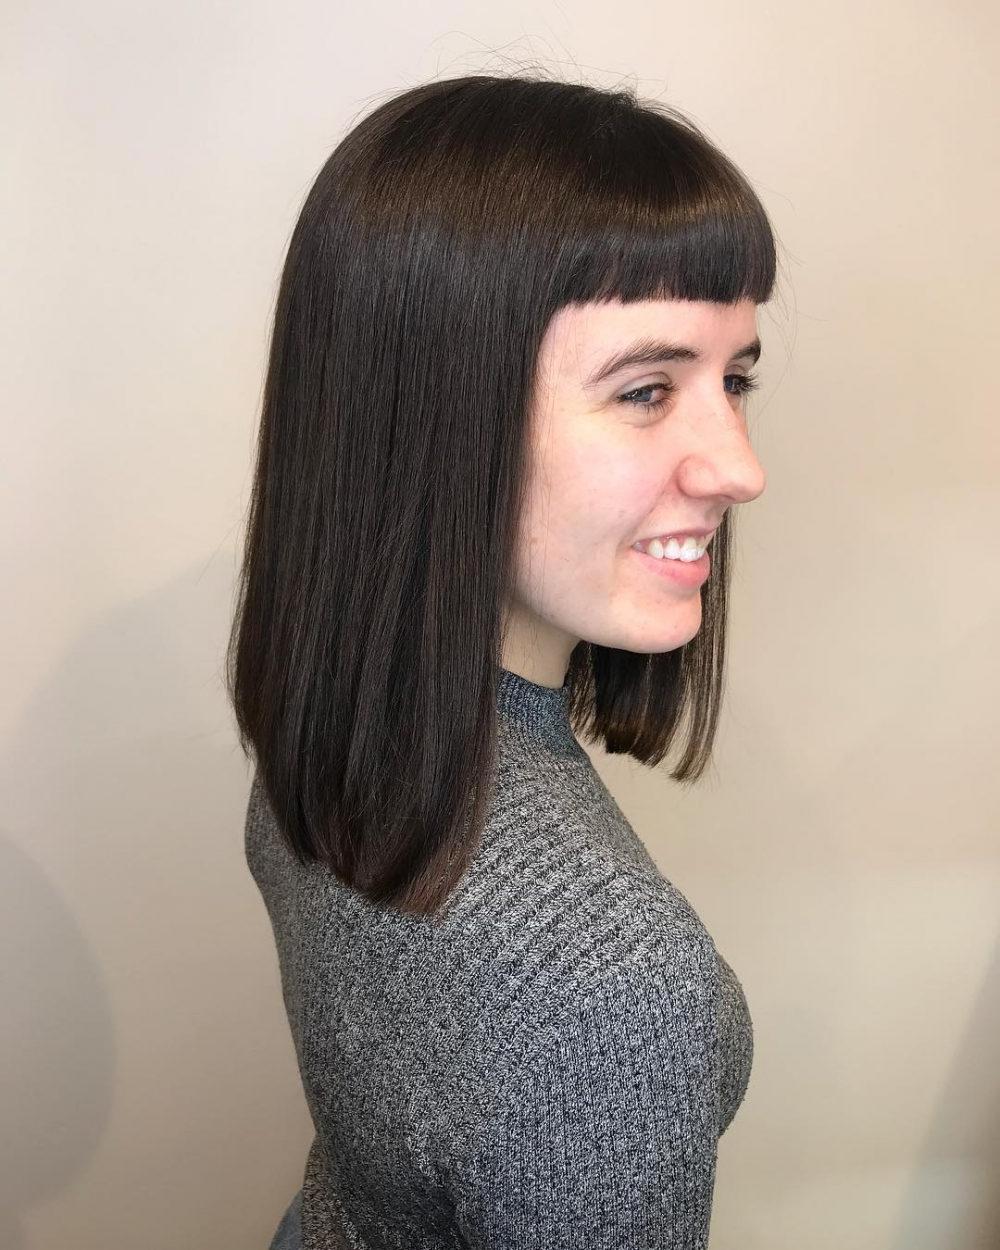 53 Popular Medium Length Hairstyles With Bangs In 2019 Inside 2018 Bangs Medium Hairstyles (View 6 of 20)